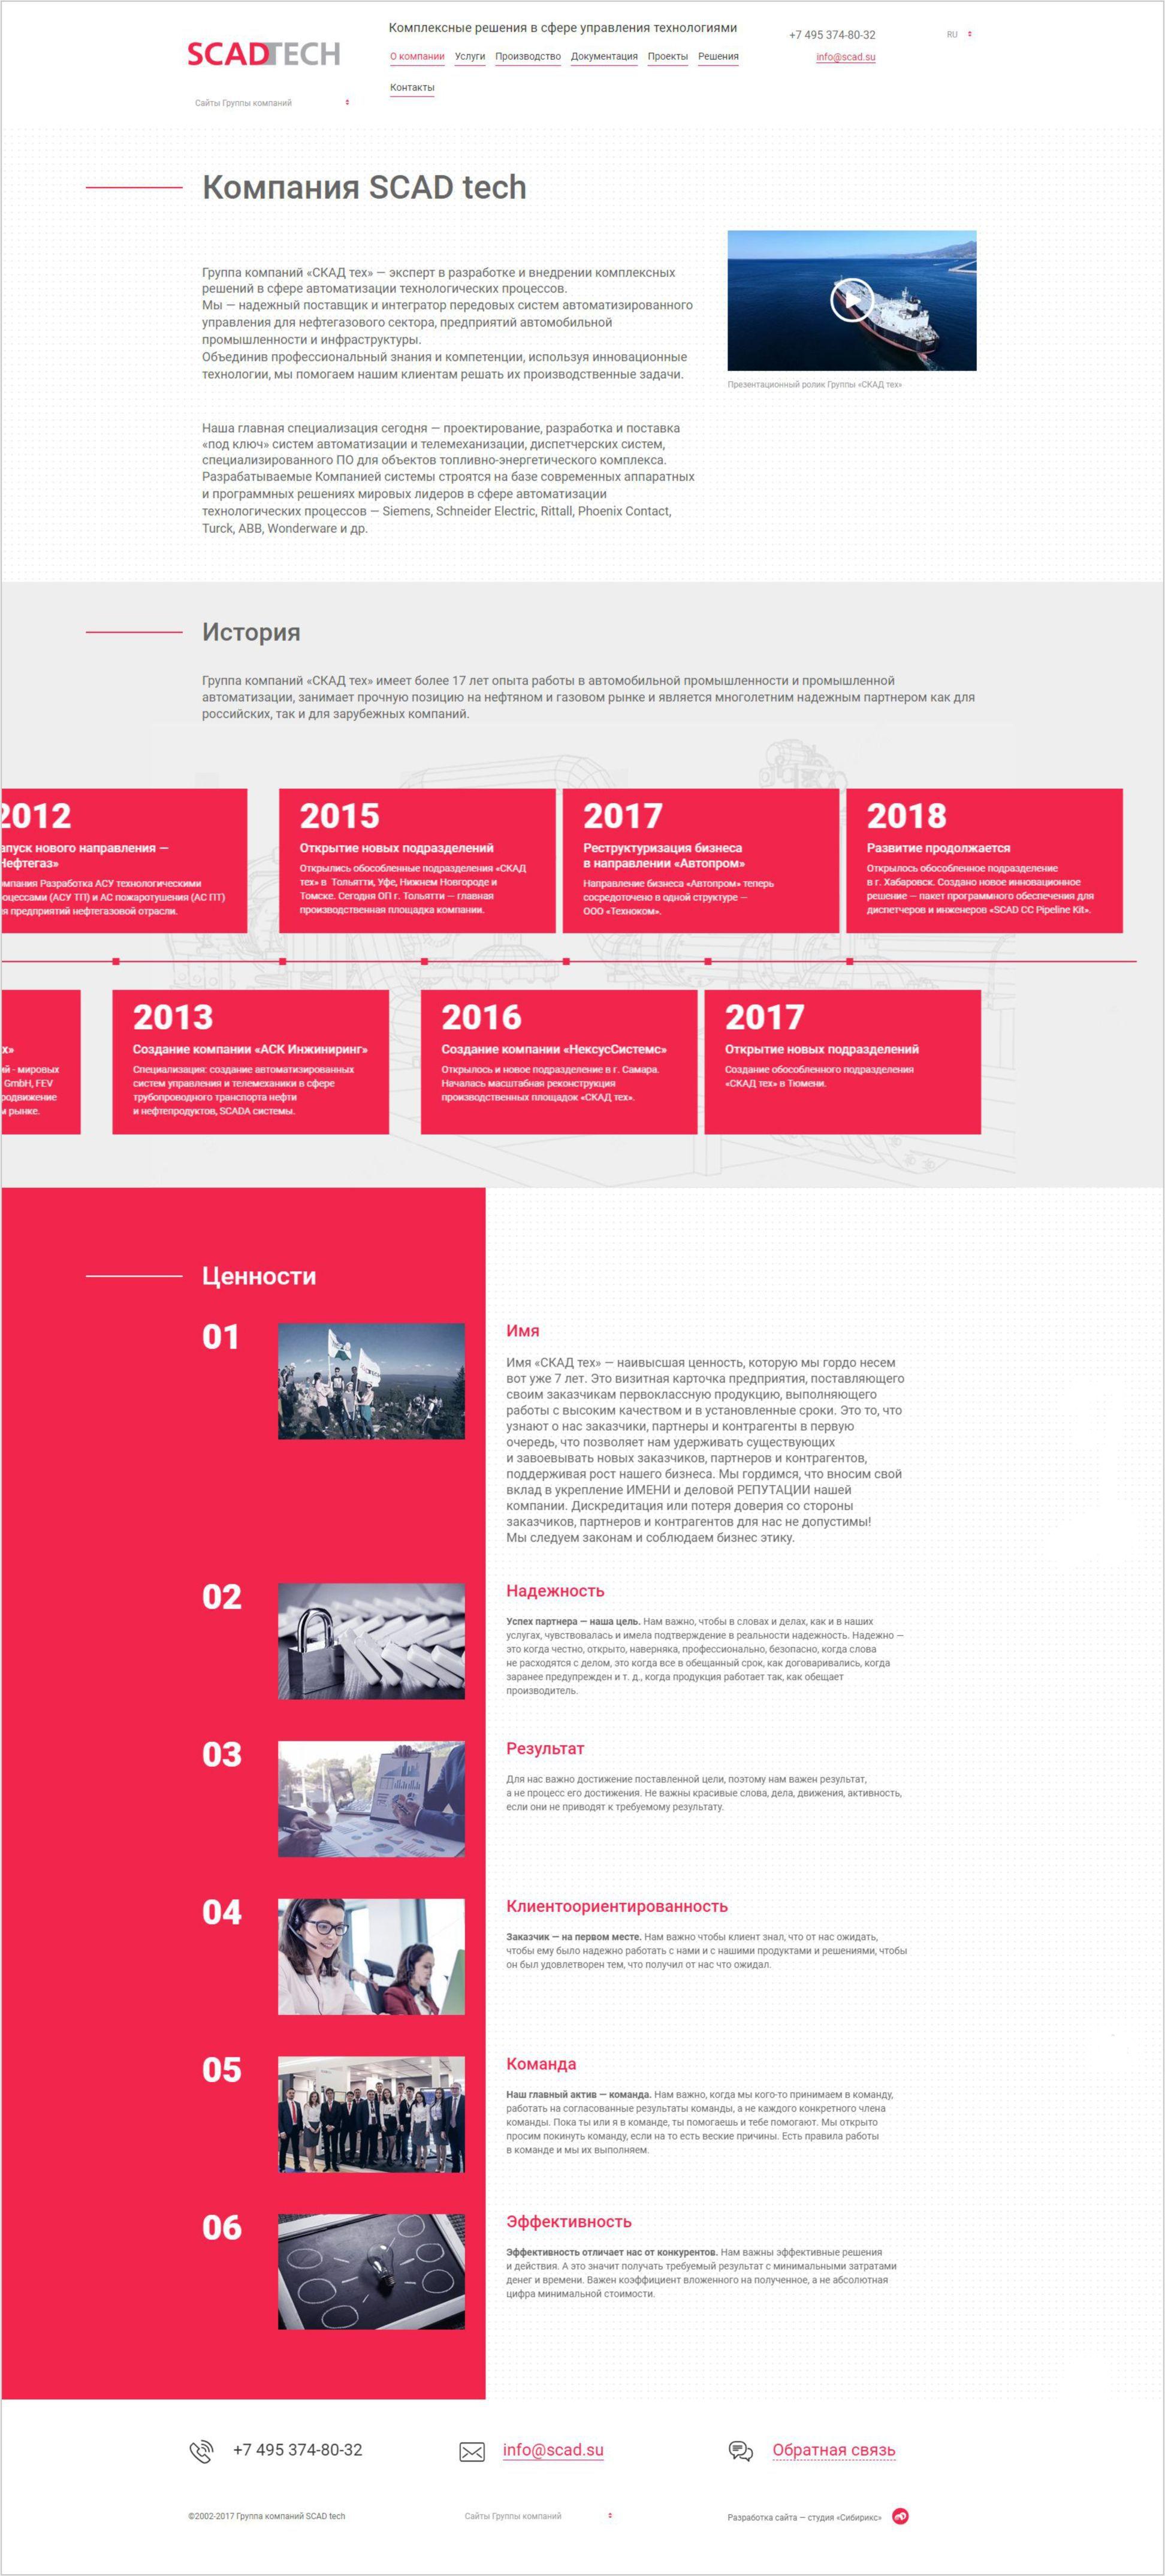 <p>Настранице «Окомпании» реализован аккуратный таймлайн свехами развития группы компаний иблок сценностями.</p>